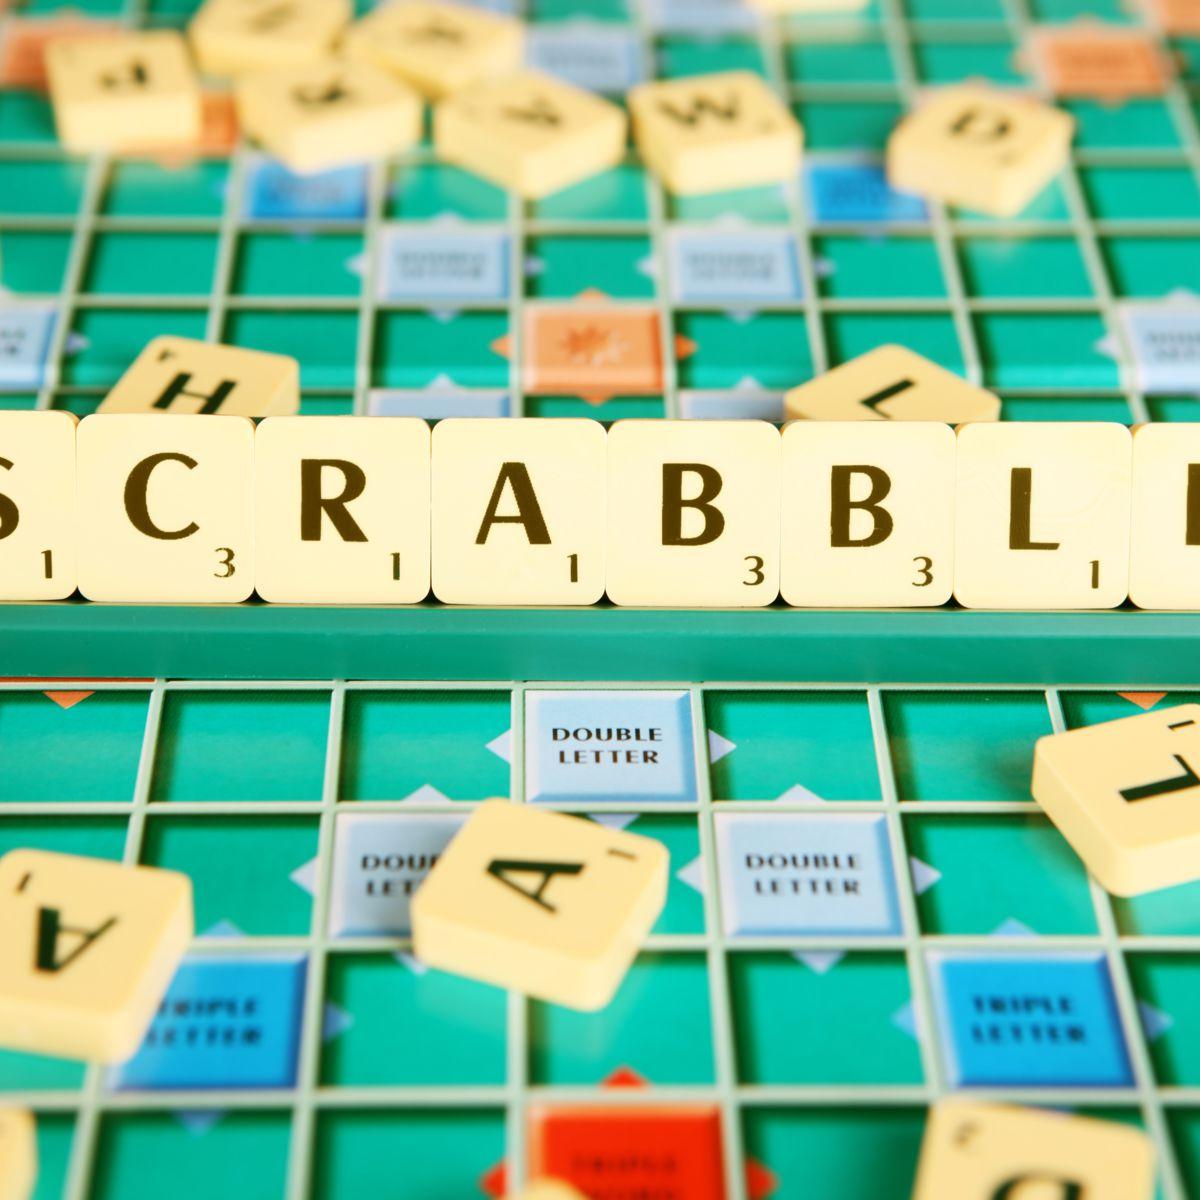 Jouer Au Scrabble En Ligne : Les Meilleurs Sites Et Applis pour Jeux 3 Ans En Ligne Gratuit